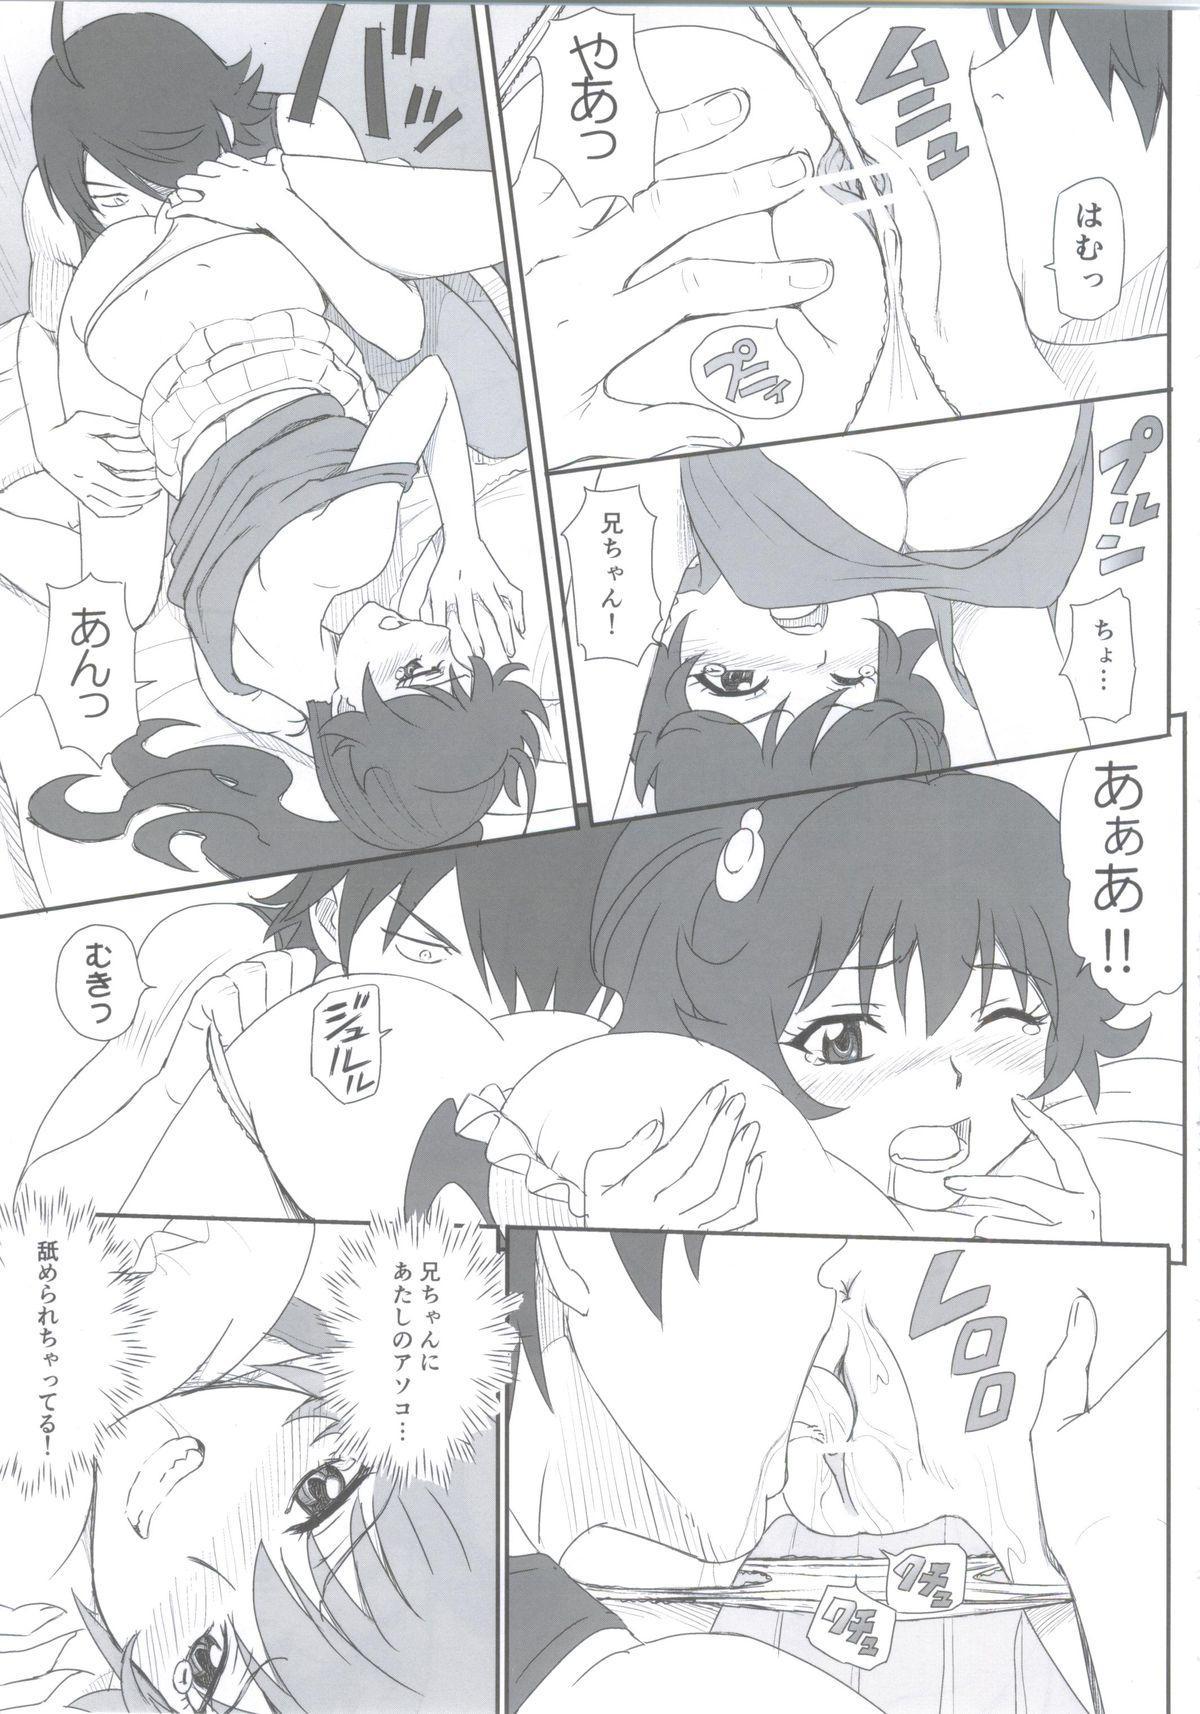 Karen-chan no Hajimete Yurusan! 7